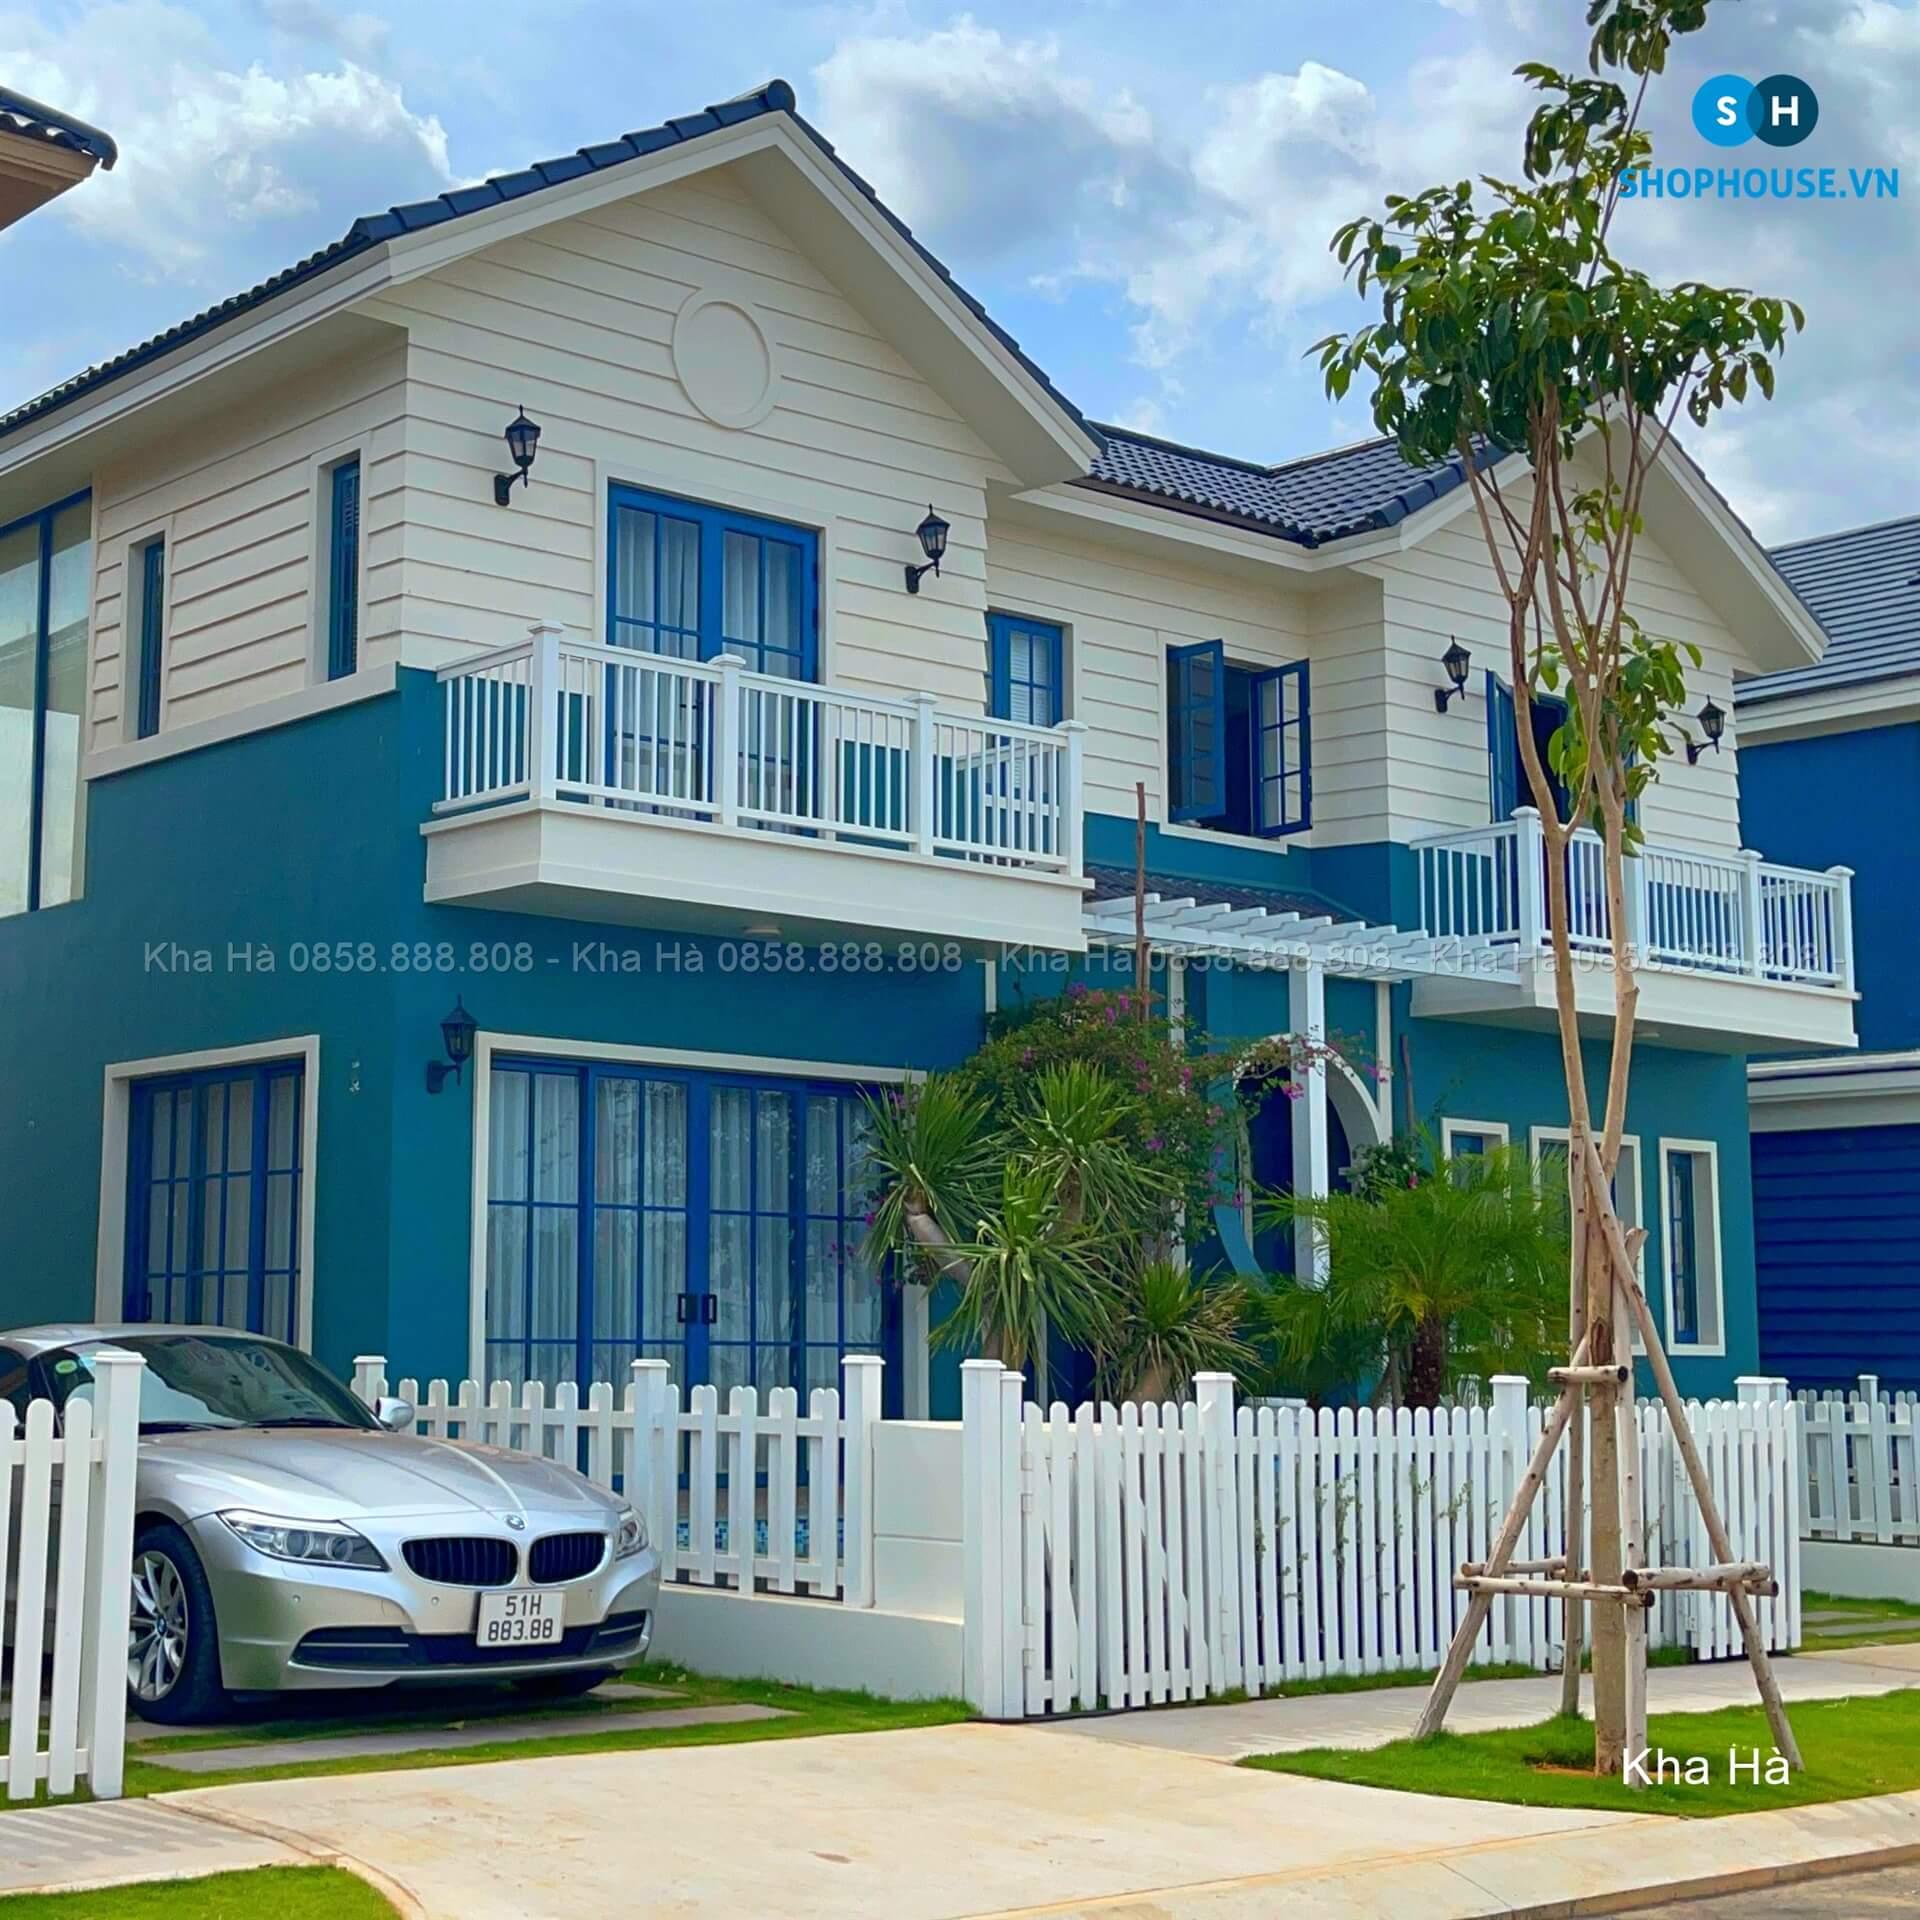 Biet-Thu-Song-Lap-Florida-1-dien-tich-8x20-mau-4-du-an-NovaWorld-Phan-Thiet